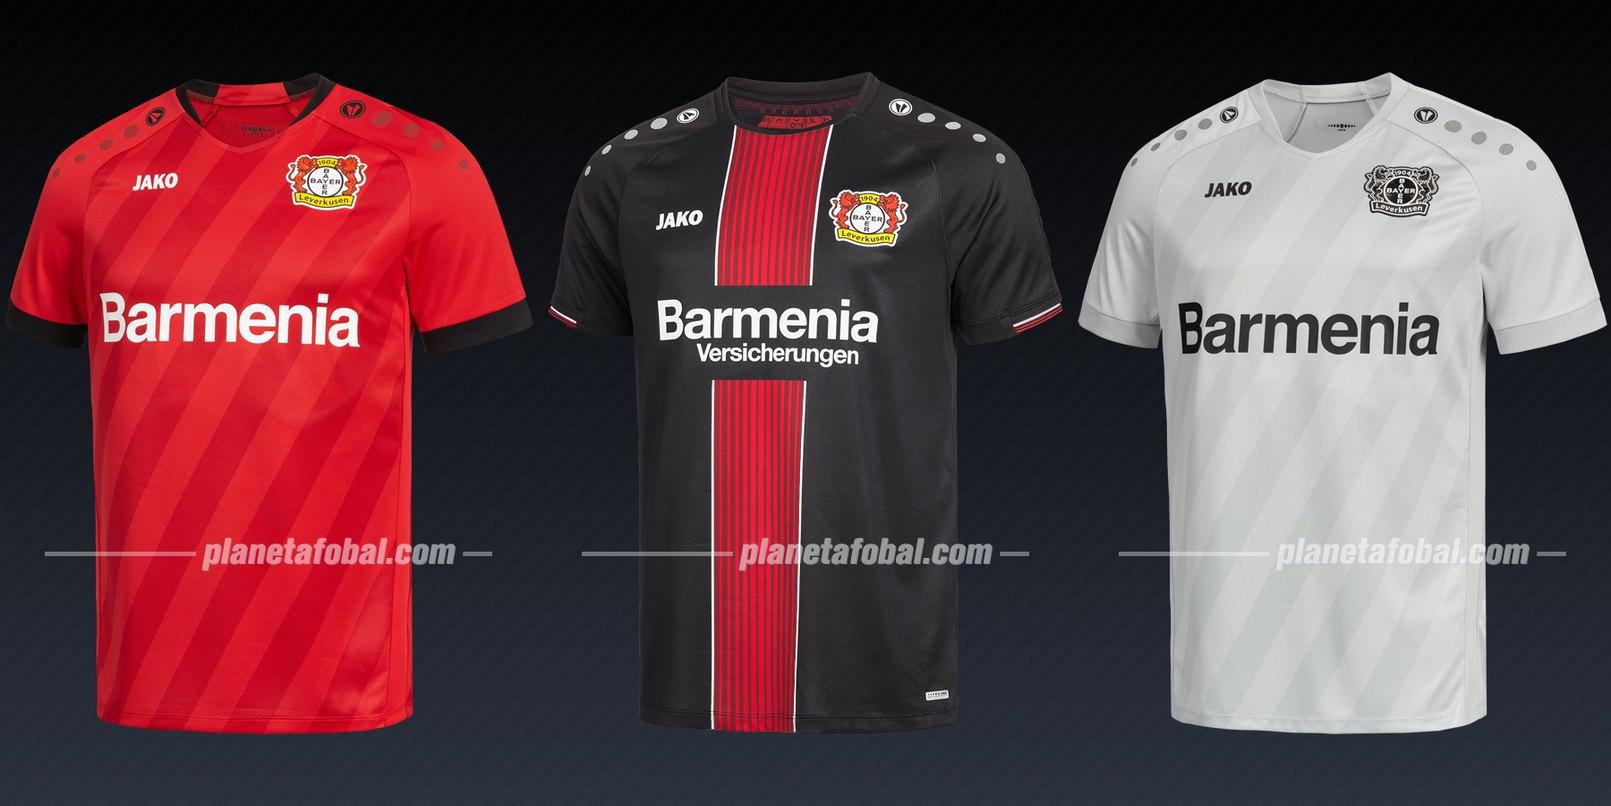 Bayer 04 (Jako) | Camisetas de la Liga de Campeones 2019/20